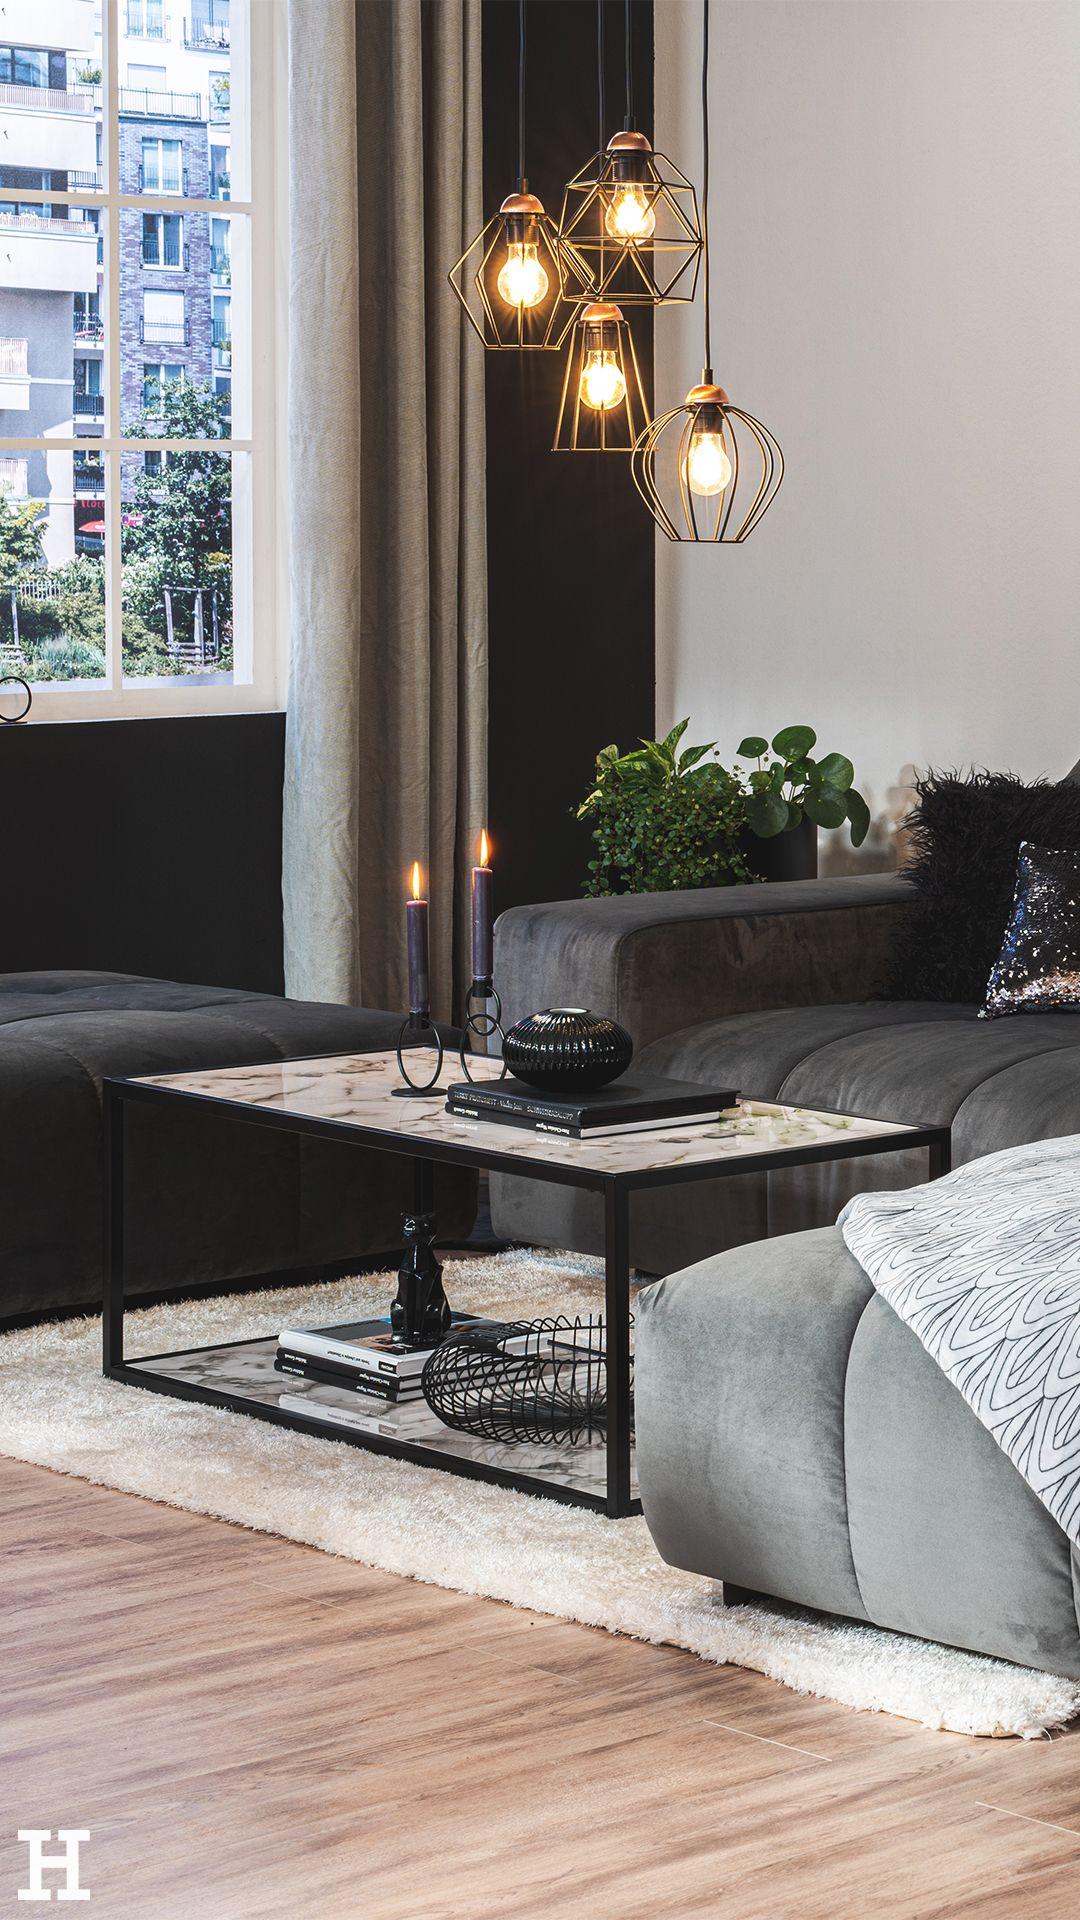 Ideen für den monochromen Interior-Trend im Wohnzimmer